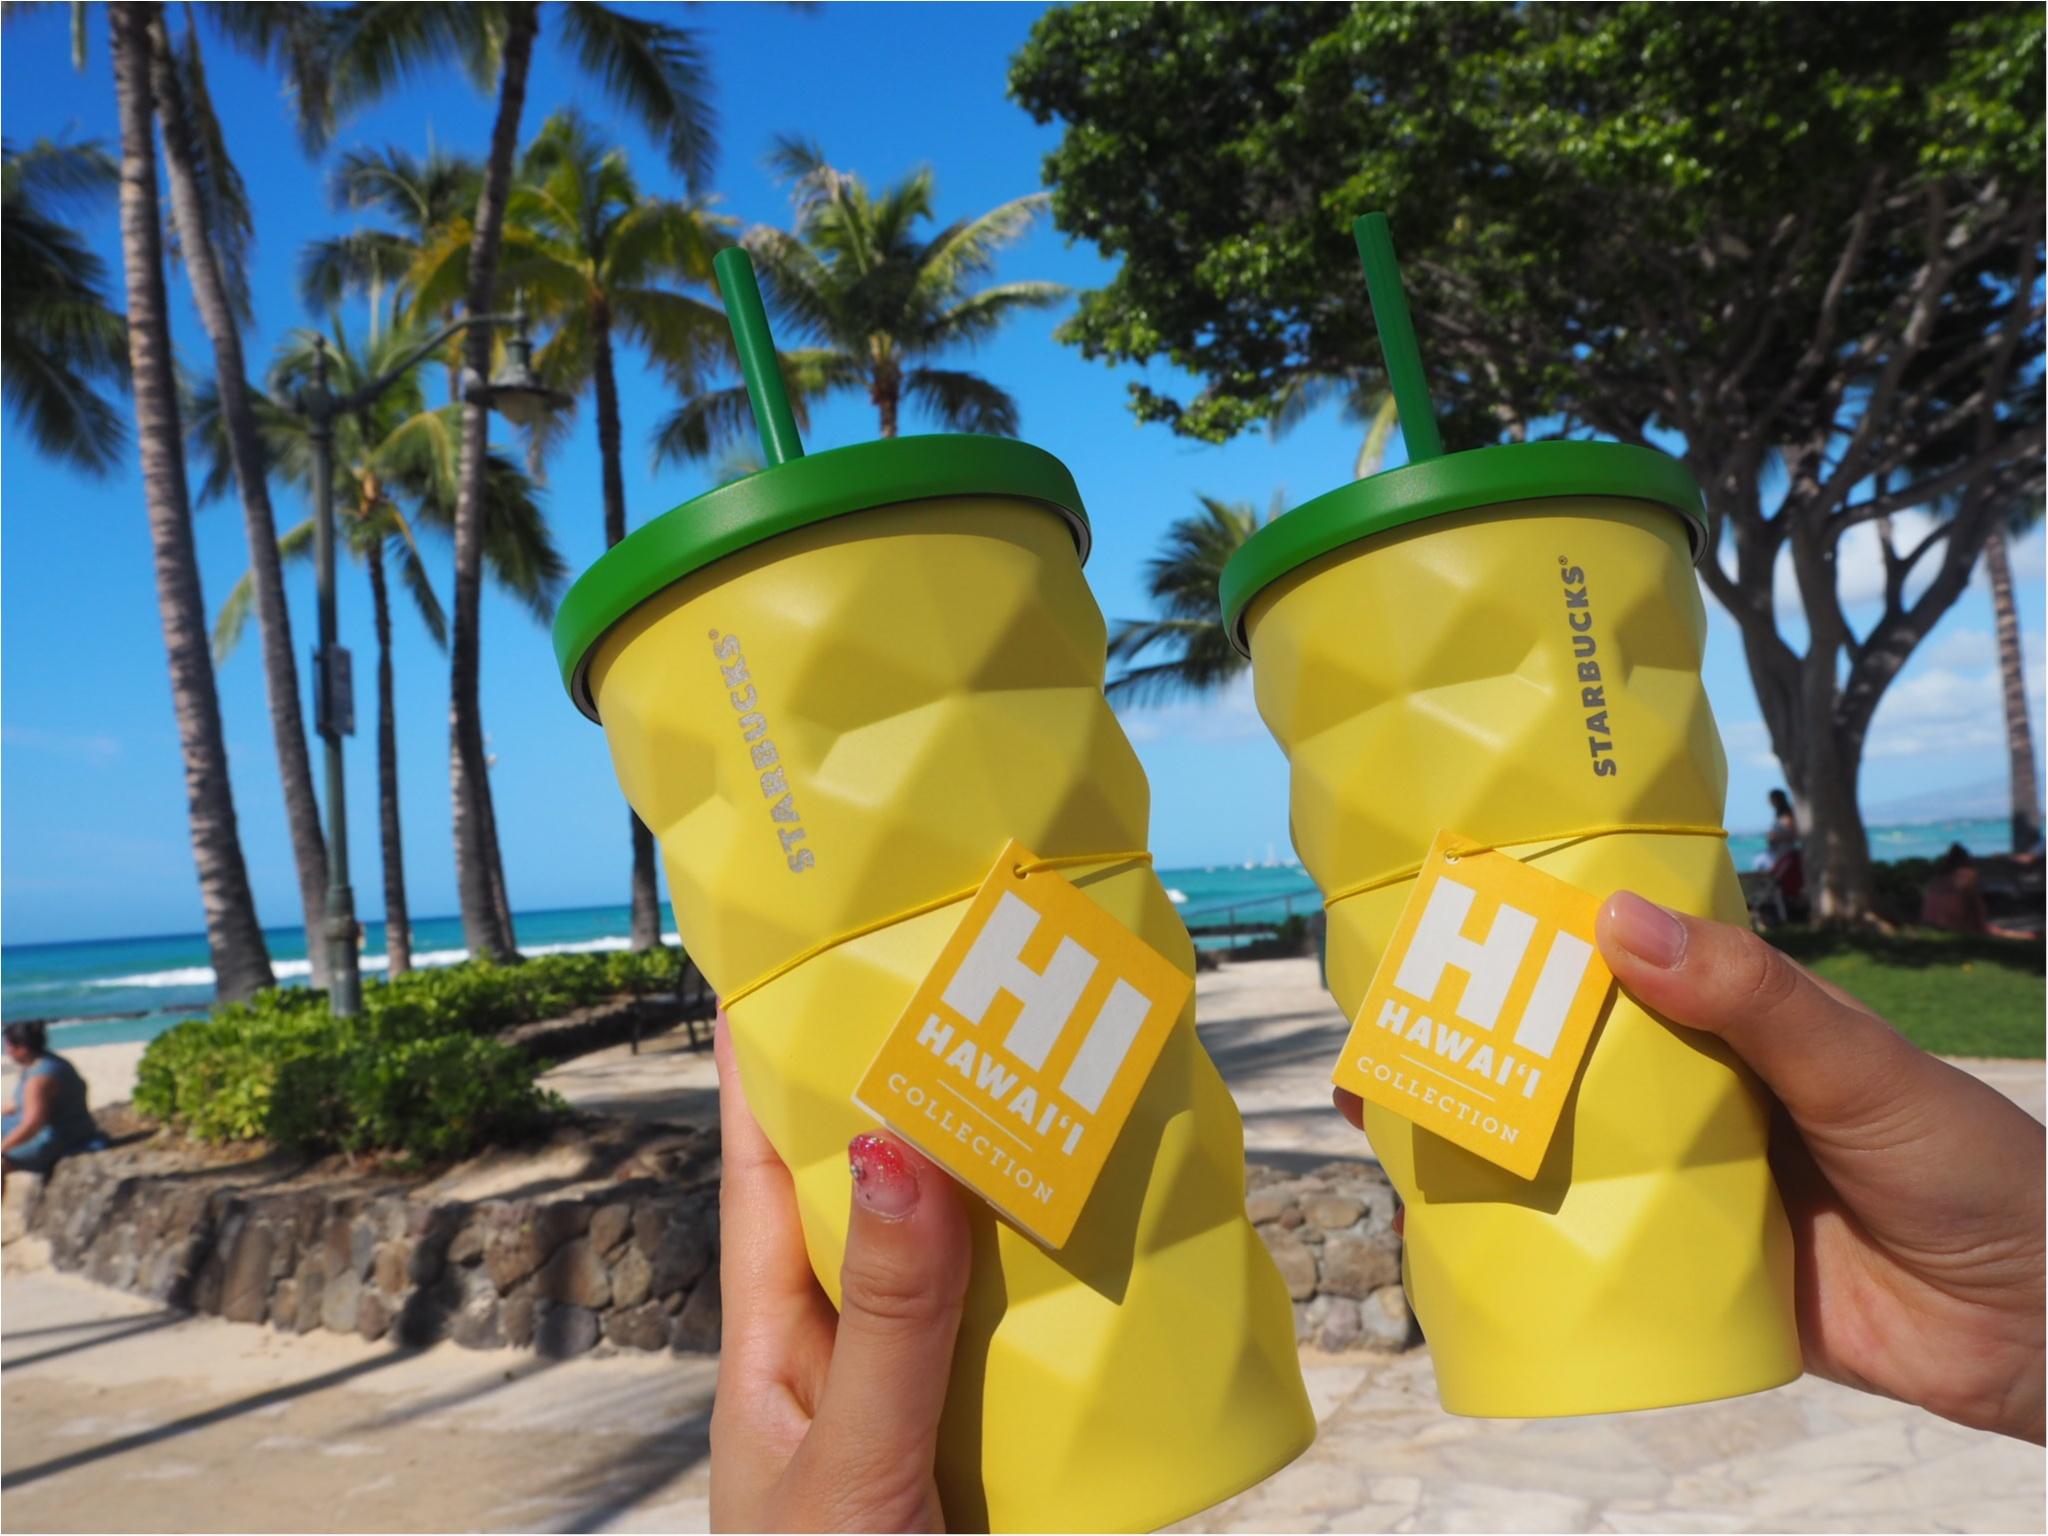 《ハワイ限定スタバのタンブラーもご紹介!》ハワイのオススメお土産*°_1